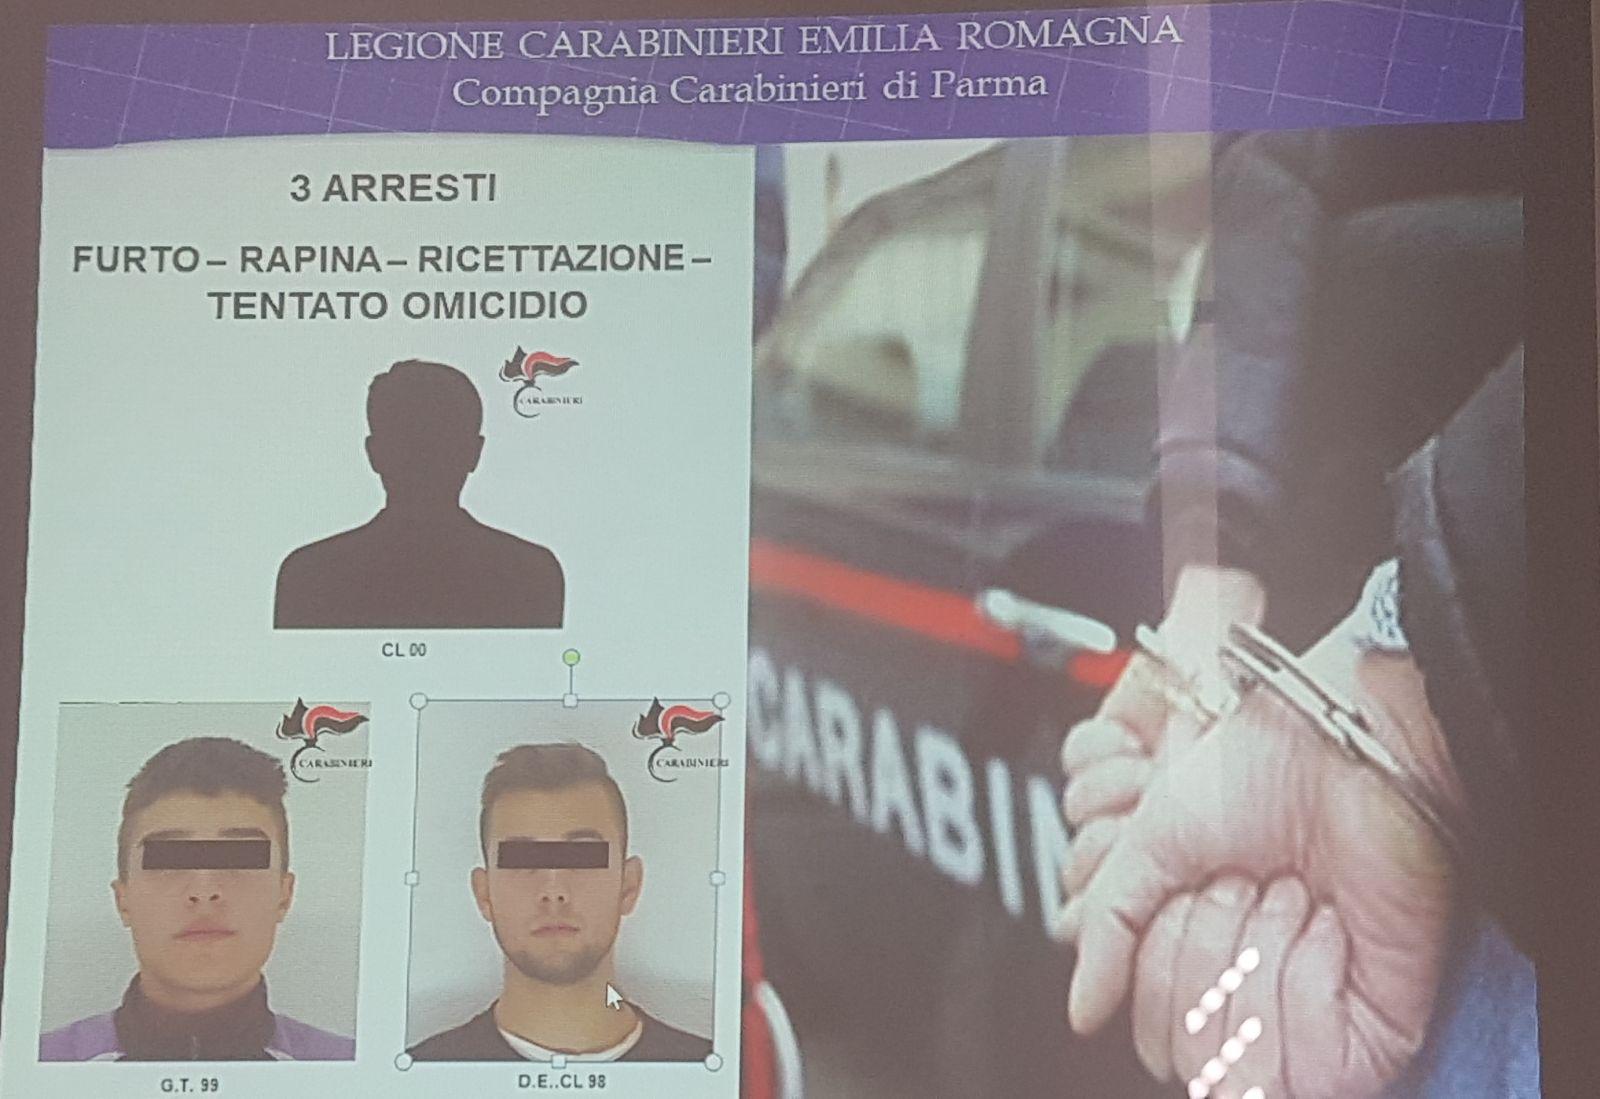 Furto e tentato omicidio di due Carabinieri  carcere per banda di ladri  capitanata da minorenne 58dcc688ca8